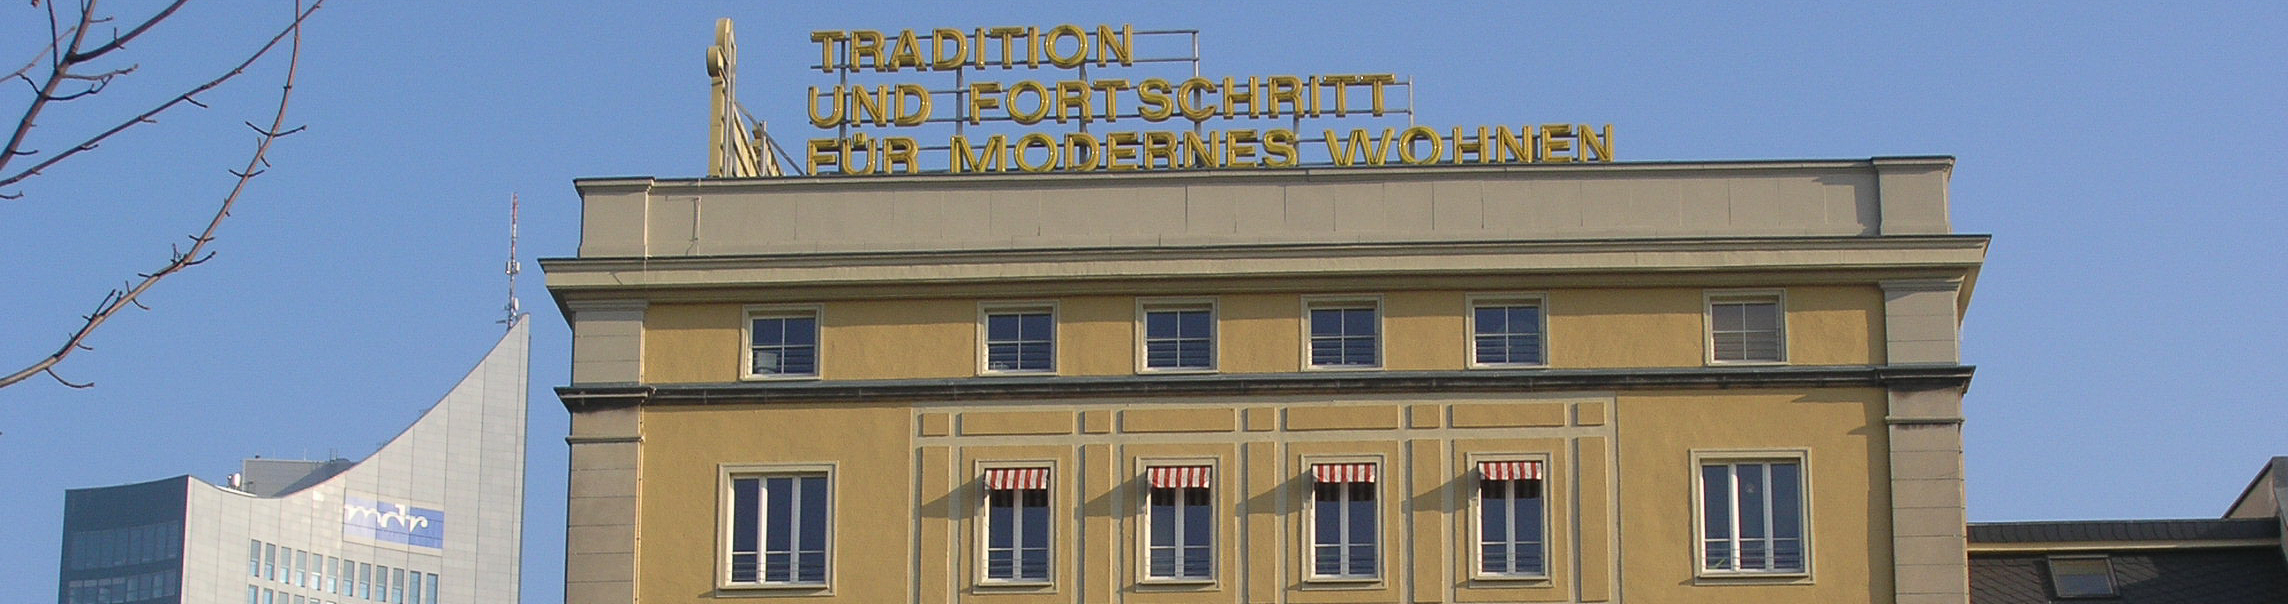 Tradition und Fortschritt - Architekturmix in Leipzig